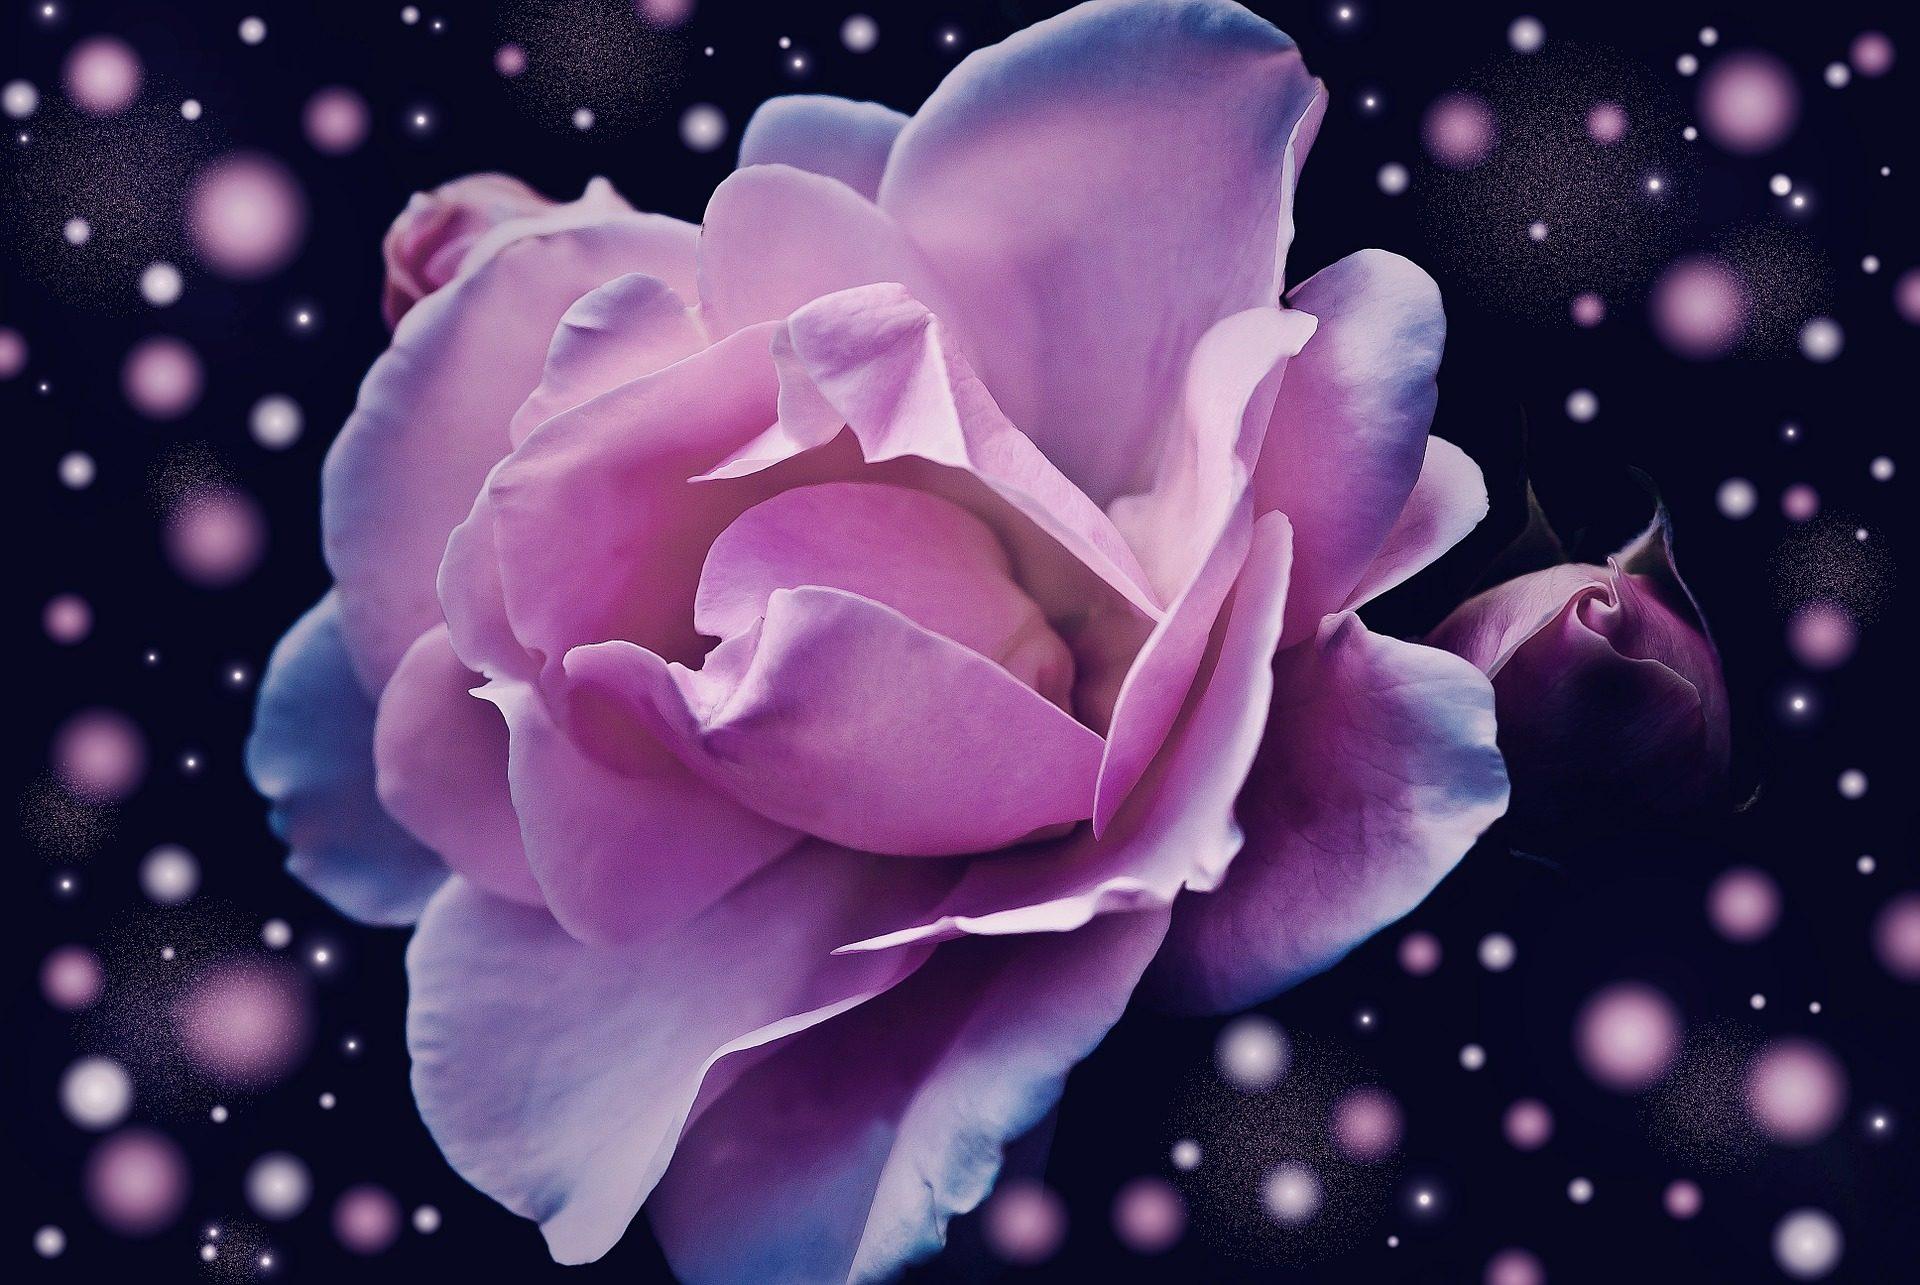 Ροζ, Μωβ, Λουλούδι, Φωτοστέφανα, Πέταλα - Wallpapers HD - Professor-falken.com